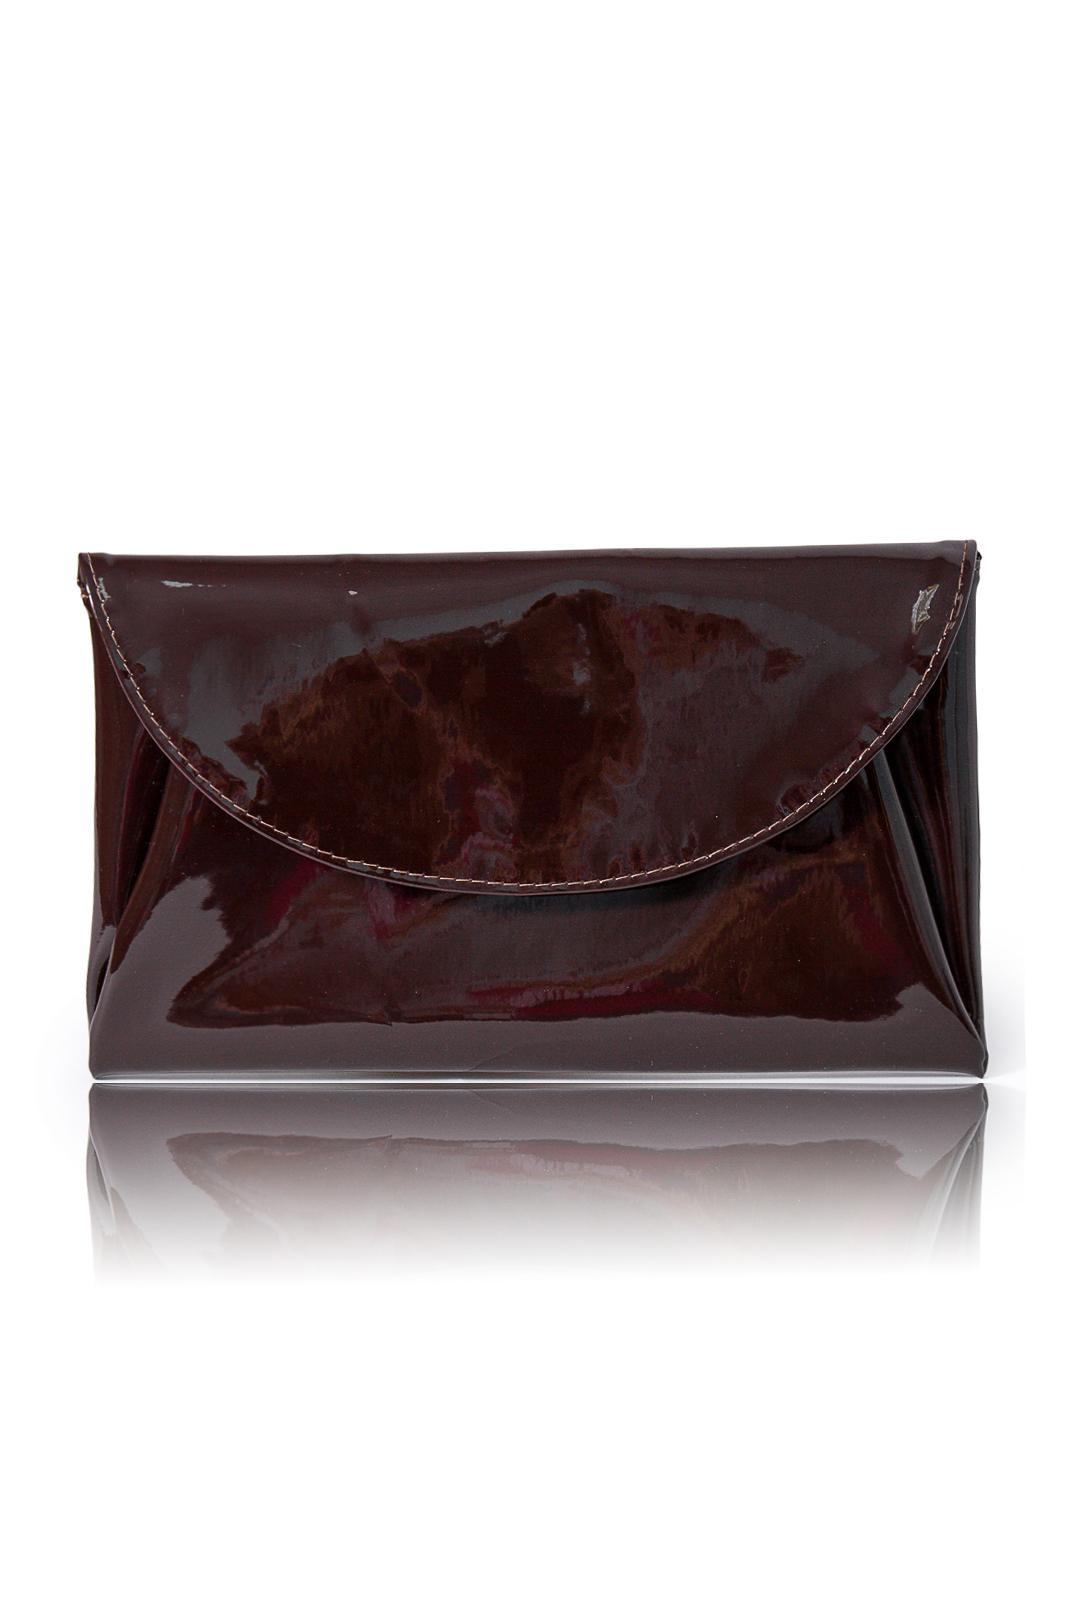 КлатчКлатчи<br>Женские сумки бренда DINESSI - это стильные аксессуары, которые по достоинству оценят представительницы прекрасного пола.  Клатч с клапаном и застежкой на магнит. Внутри карман на молнии.   Цвет: коричневый.  Размеры: 28 * 17 * 1,5 ± 1 см<br><br>Отделения: 1 отделение<br>По материалу: Искусственная кожа,Лакированная кожа<br>По размеру: Средние<br>По рисунку: Однотонные<br>По силуэту стенок: Прямоугольные<br>По способу ношения: В руках<br>По степени жесткости: Мягкие<br>По типу застежки: На магните<br>По форме: Конверт<br>По элементам: Карман на молнии,Карман под телефон<br>По стилю: Повседневный стиль,Нарядный стиль<br>Размер : UNI<br>Материал: Искусственная кожа<br>Количество в наличии: 1